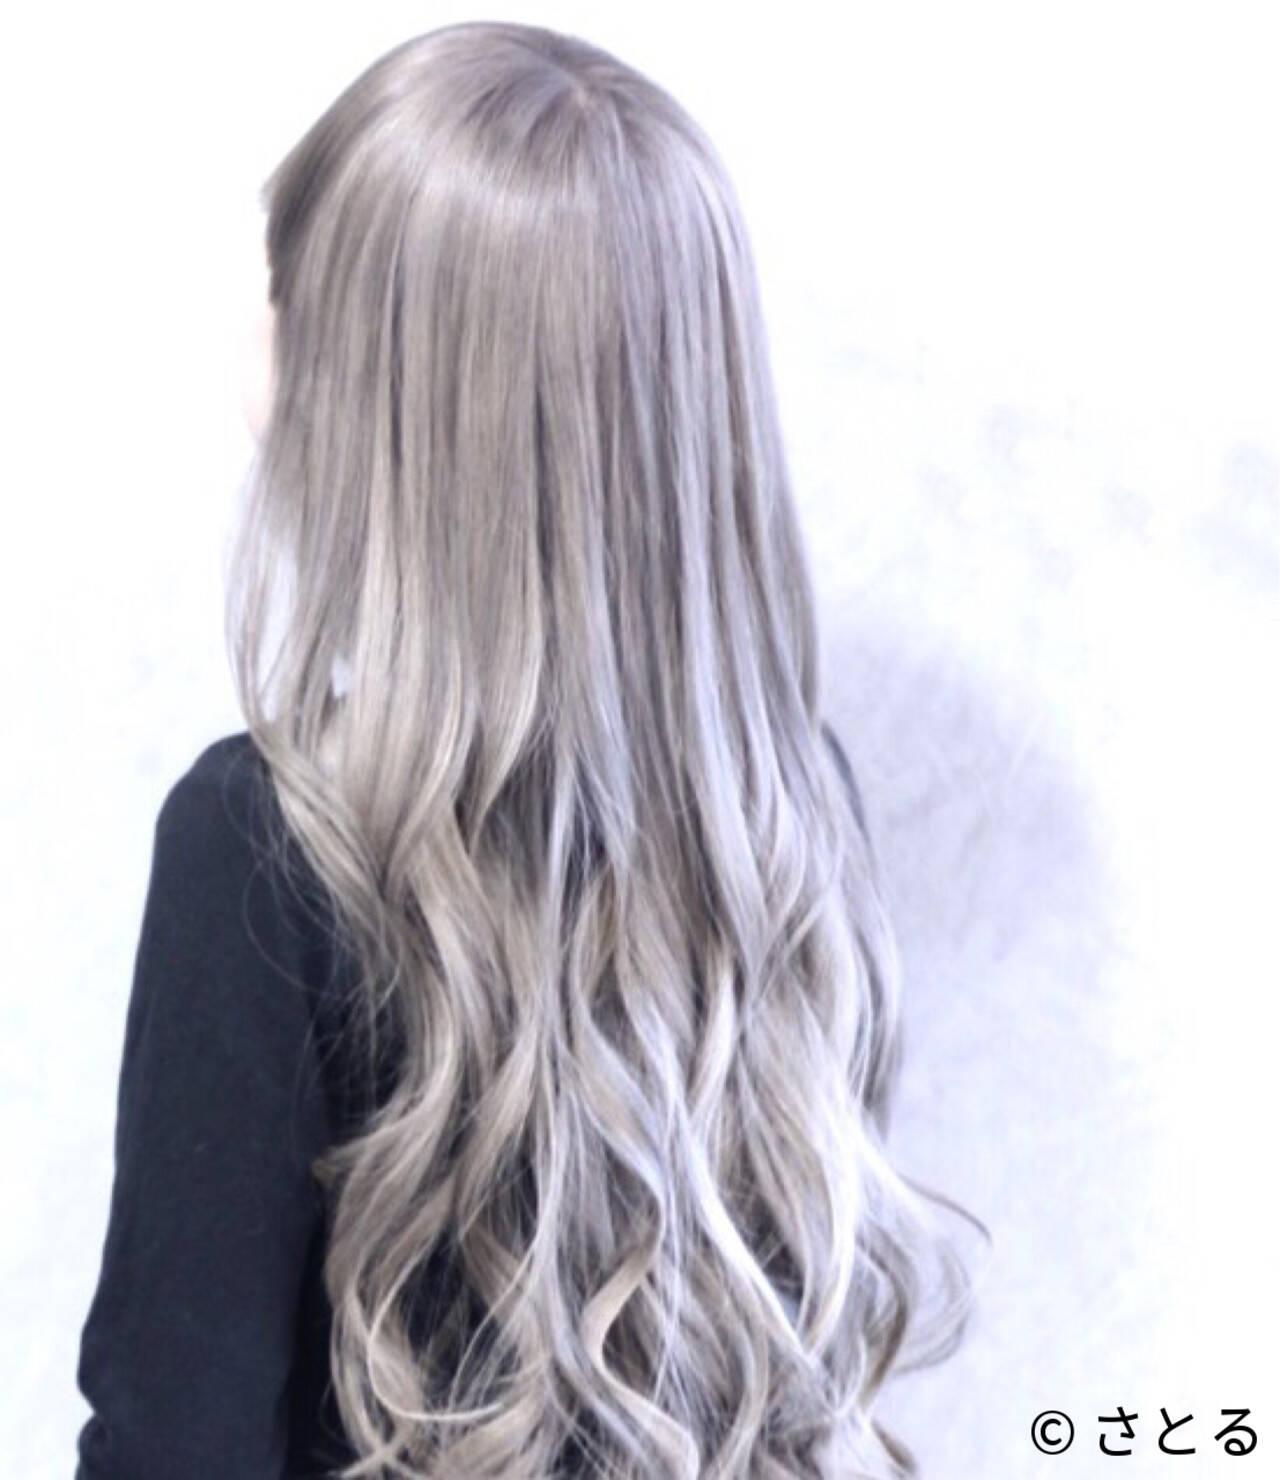 エレガント ハイトーン 上品 ロングヘアスタイルや髪型の写真・画像